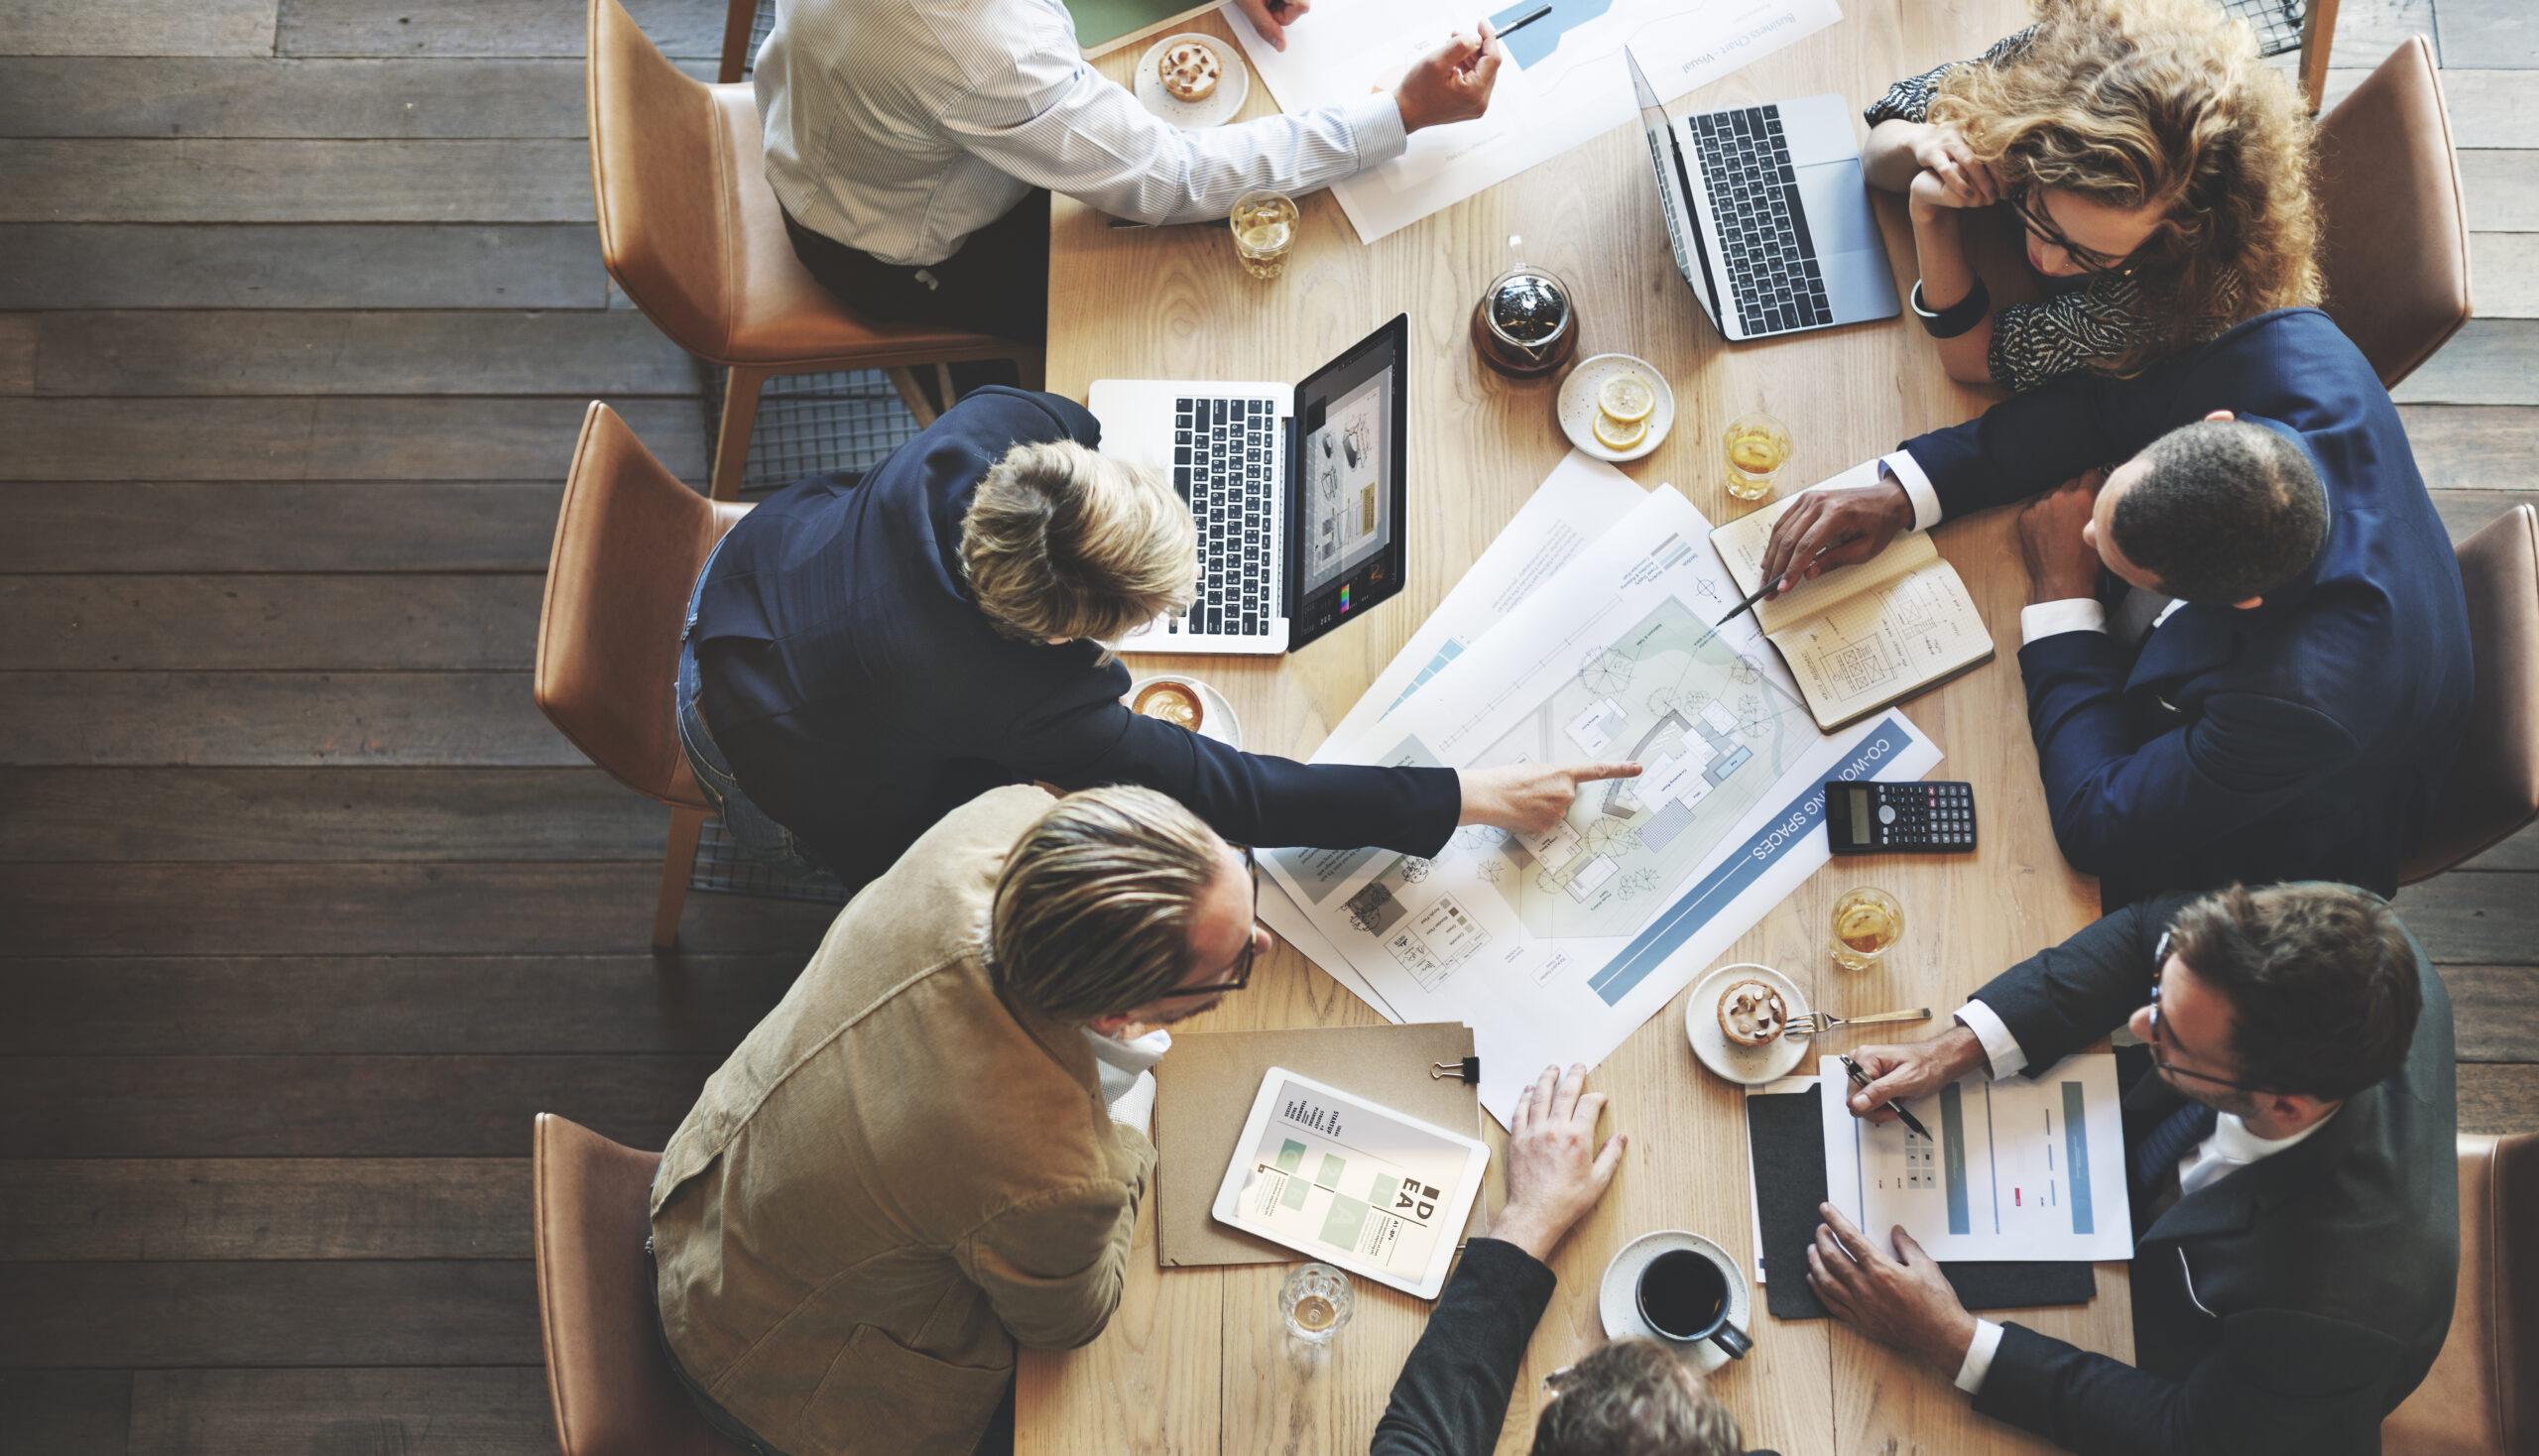 Alle Jahre wieder liegt die Jahresplanung für das neue Geschäftsjahr auf dem Tisch vieler Unternehmen. Bild: iStock